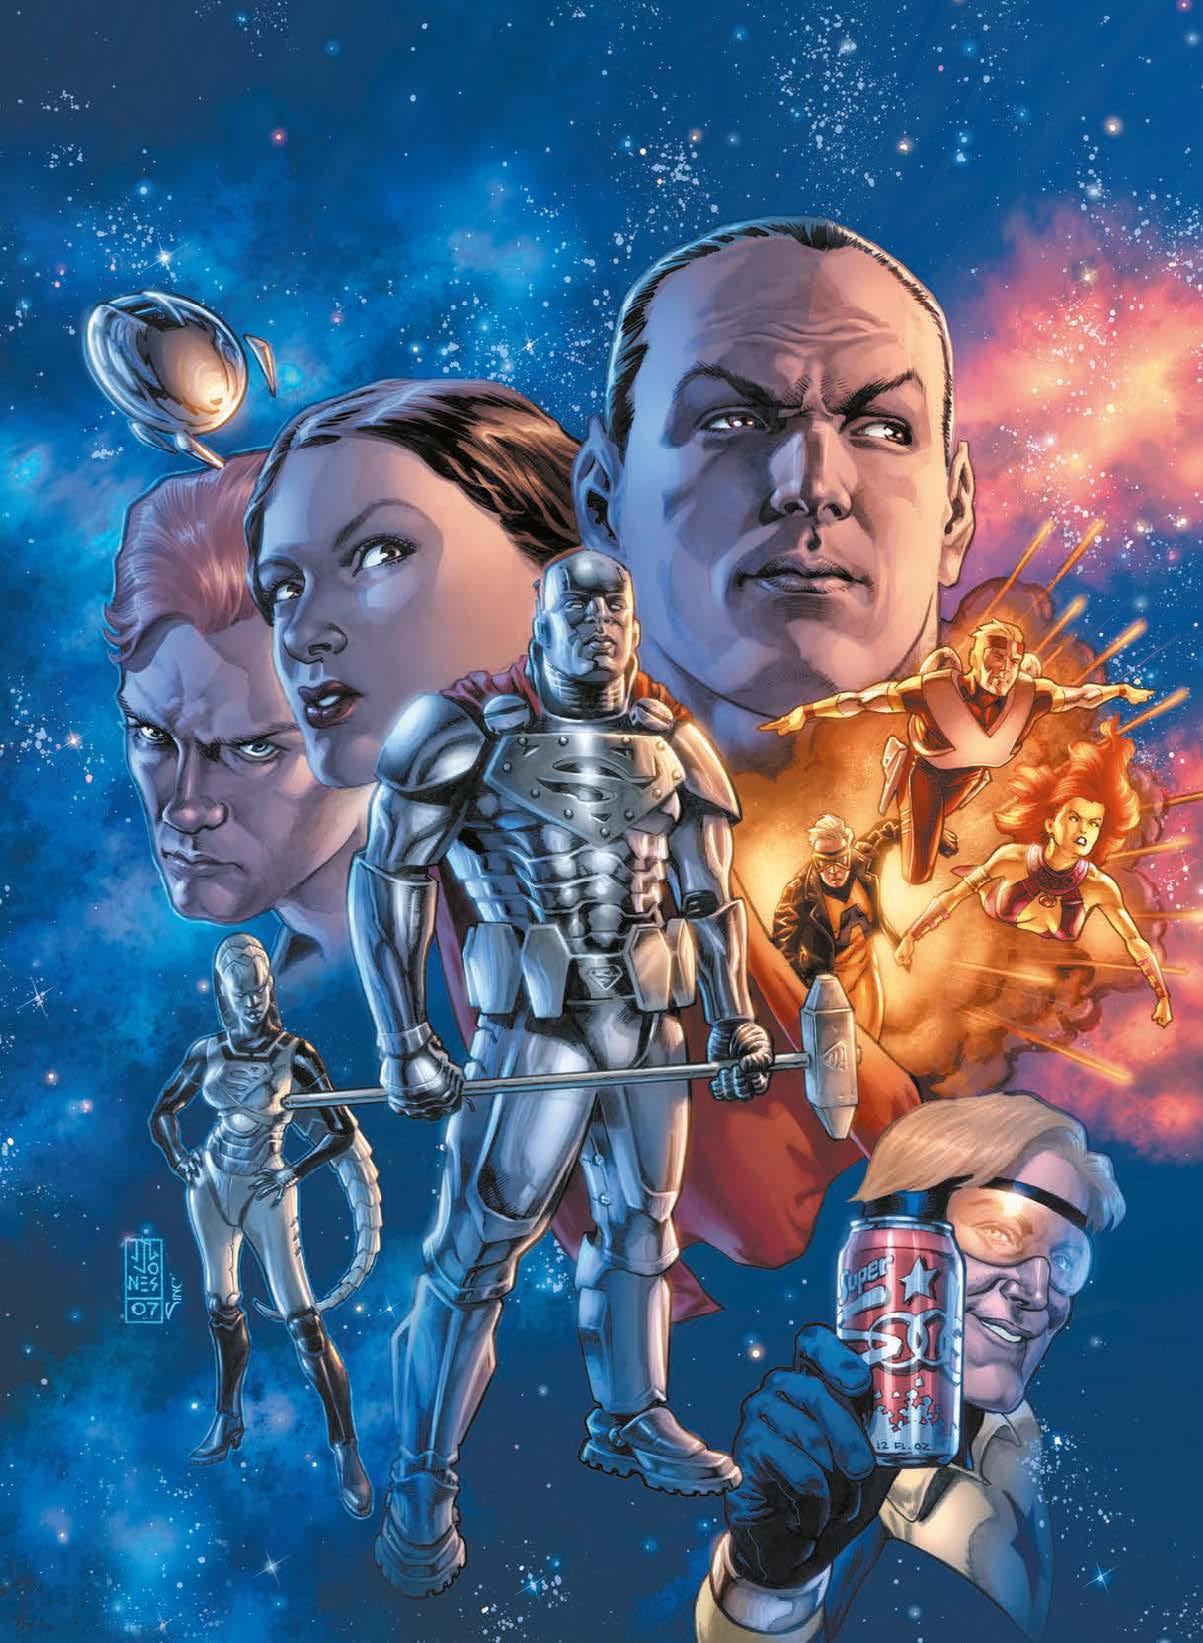 Drax il DESTROYER Guardiani della Galassia Marvel Ufficiali Tessera Partito FACE MASK